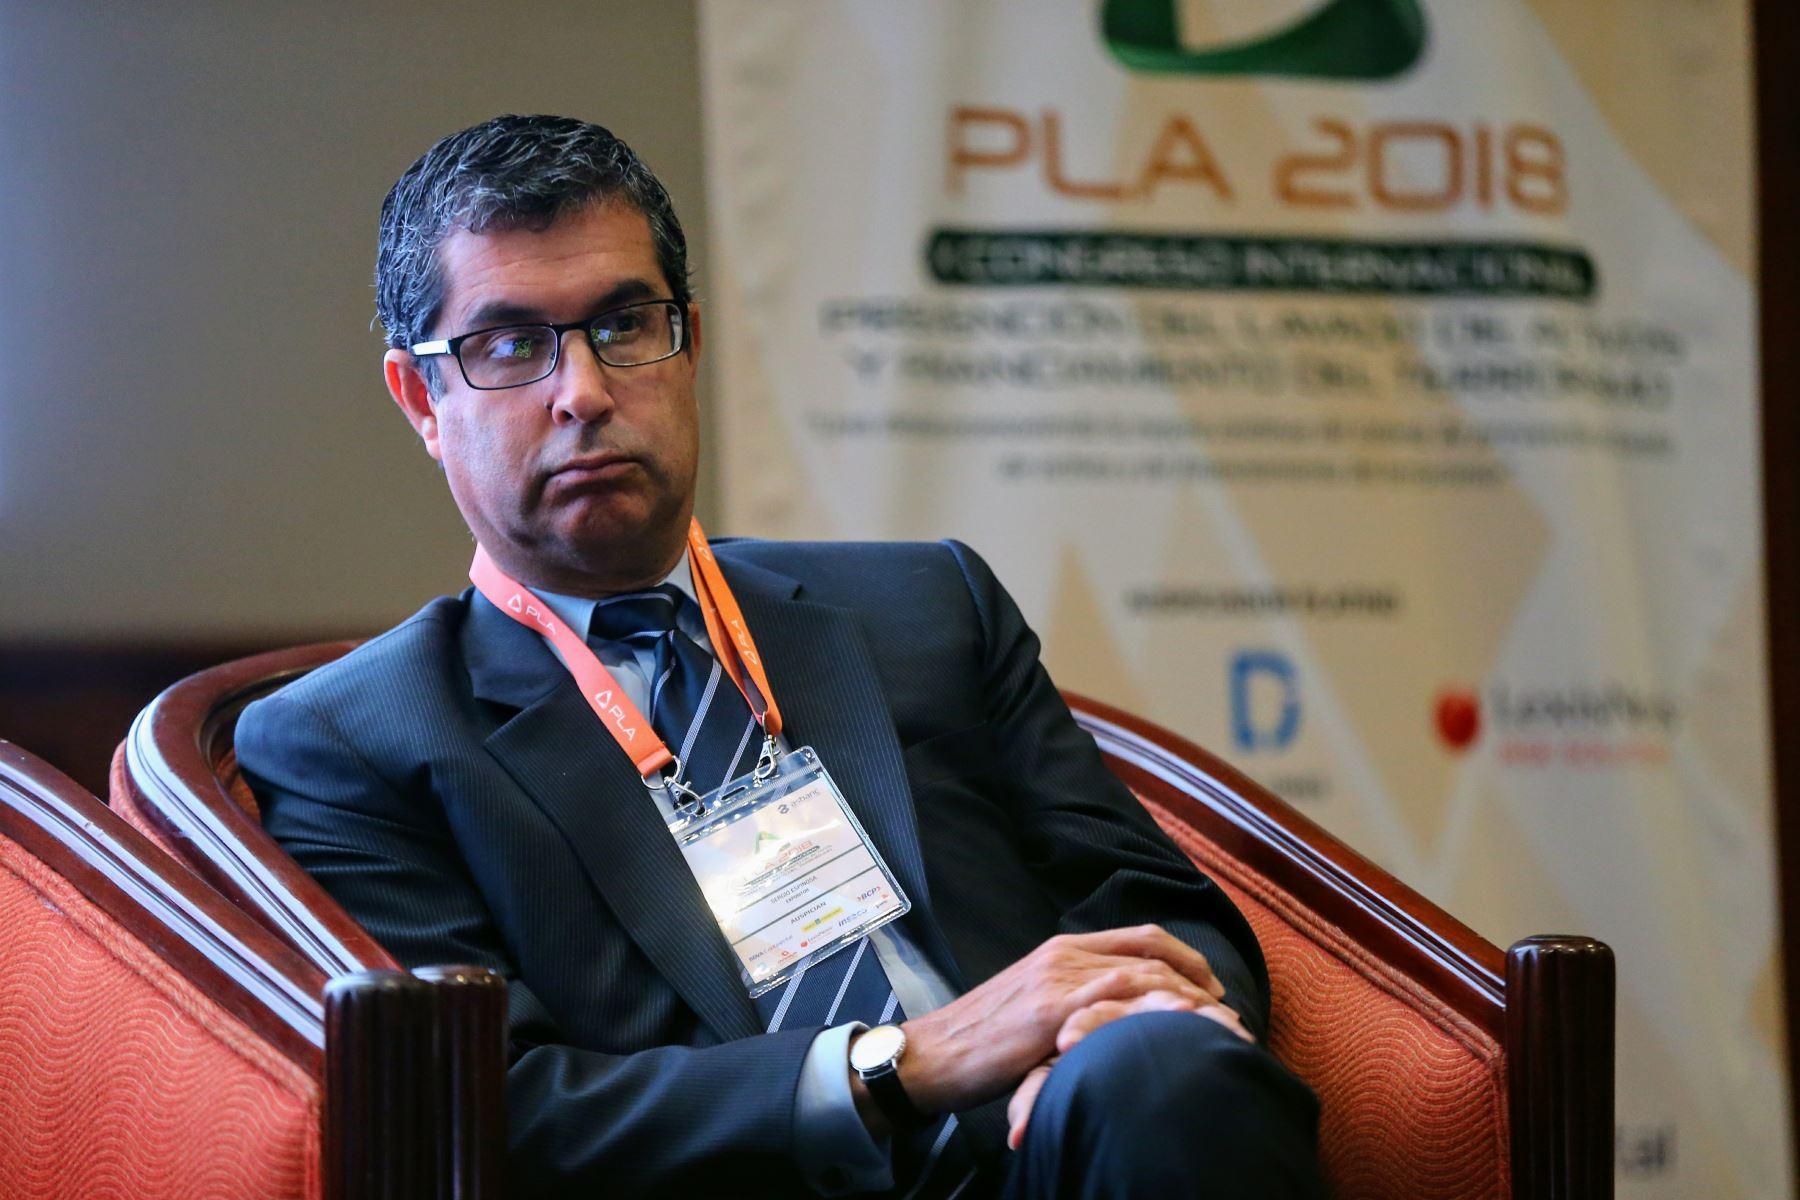 jefe de la Unidad de Inteligencia Financiera (UIF) de la Superintendencia de Banca, Seguros y AFP (SBS). Foto: ANDINA/Luis Iparraguirre